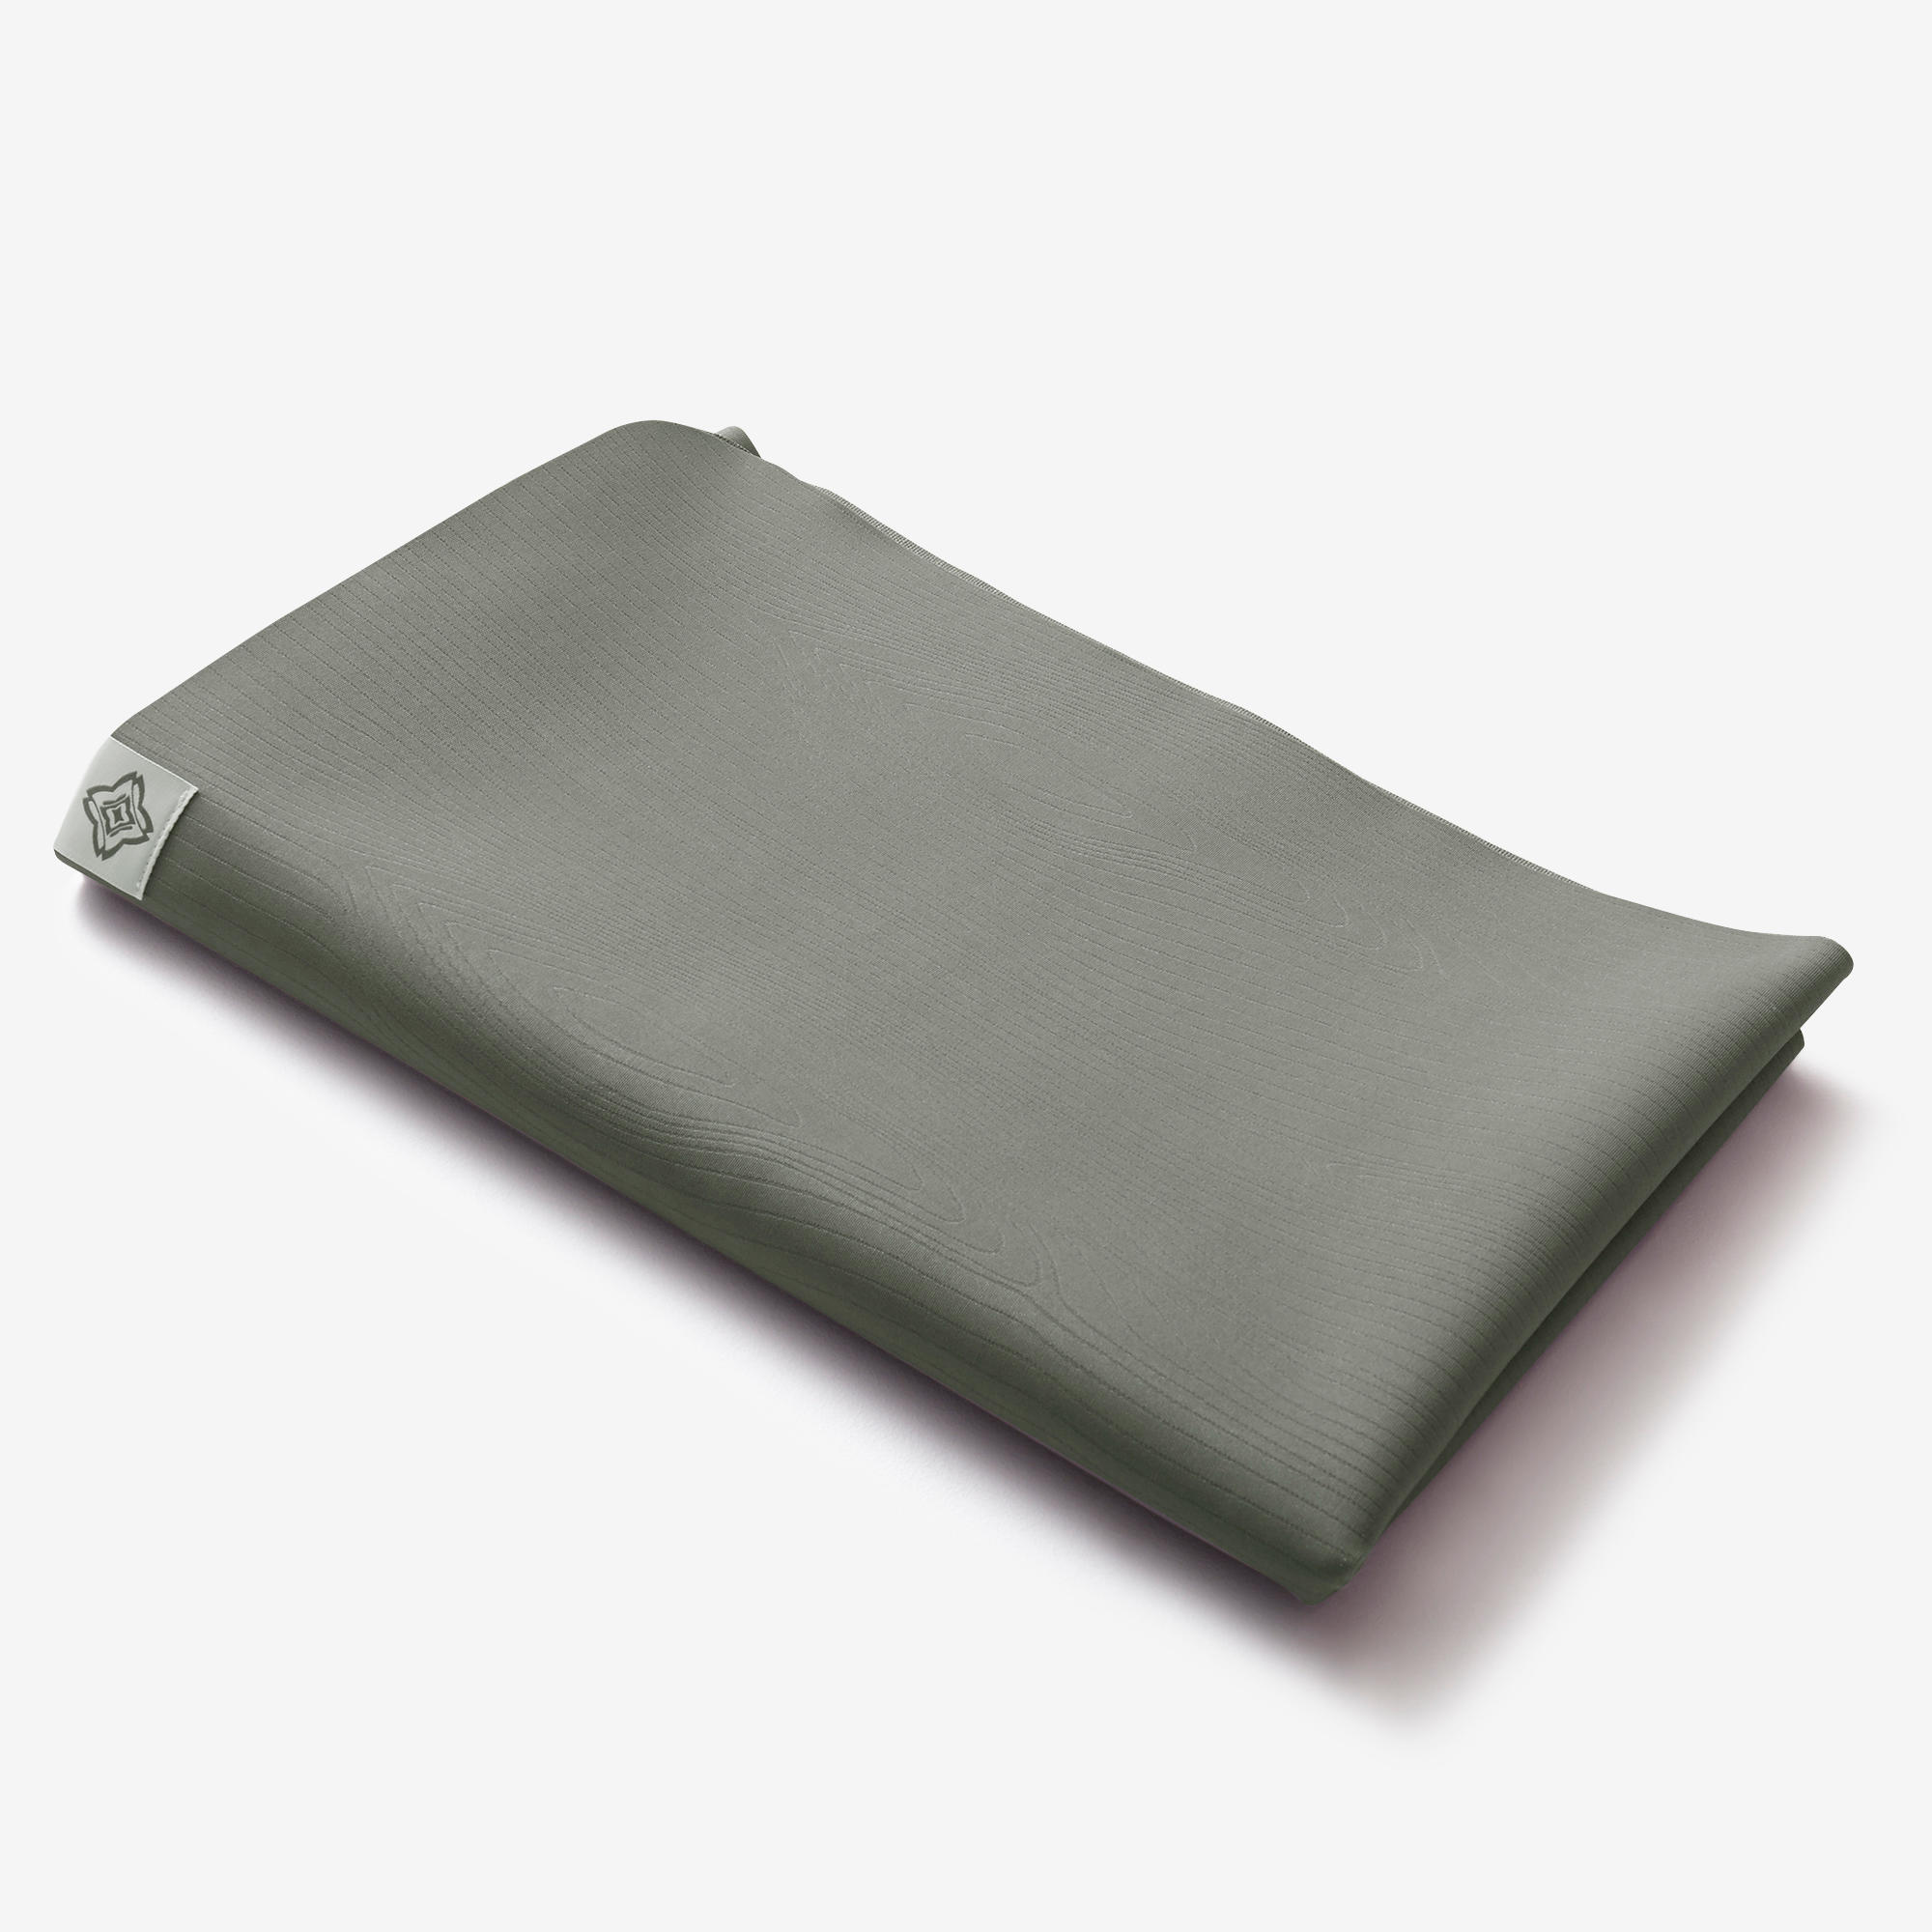 Travel Yoga Mat 1.5 mm - Beige